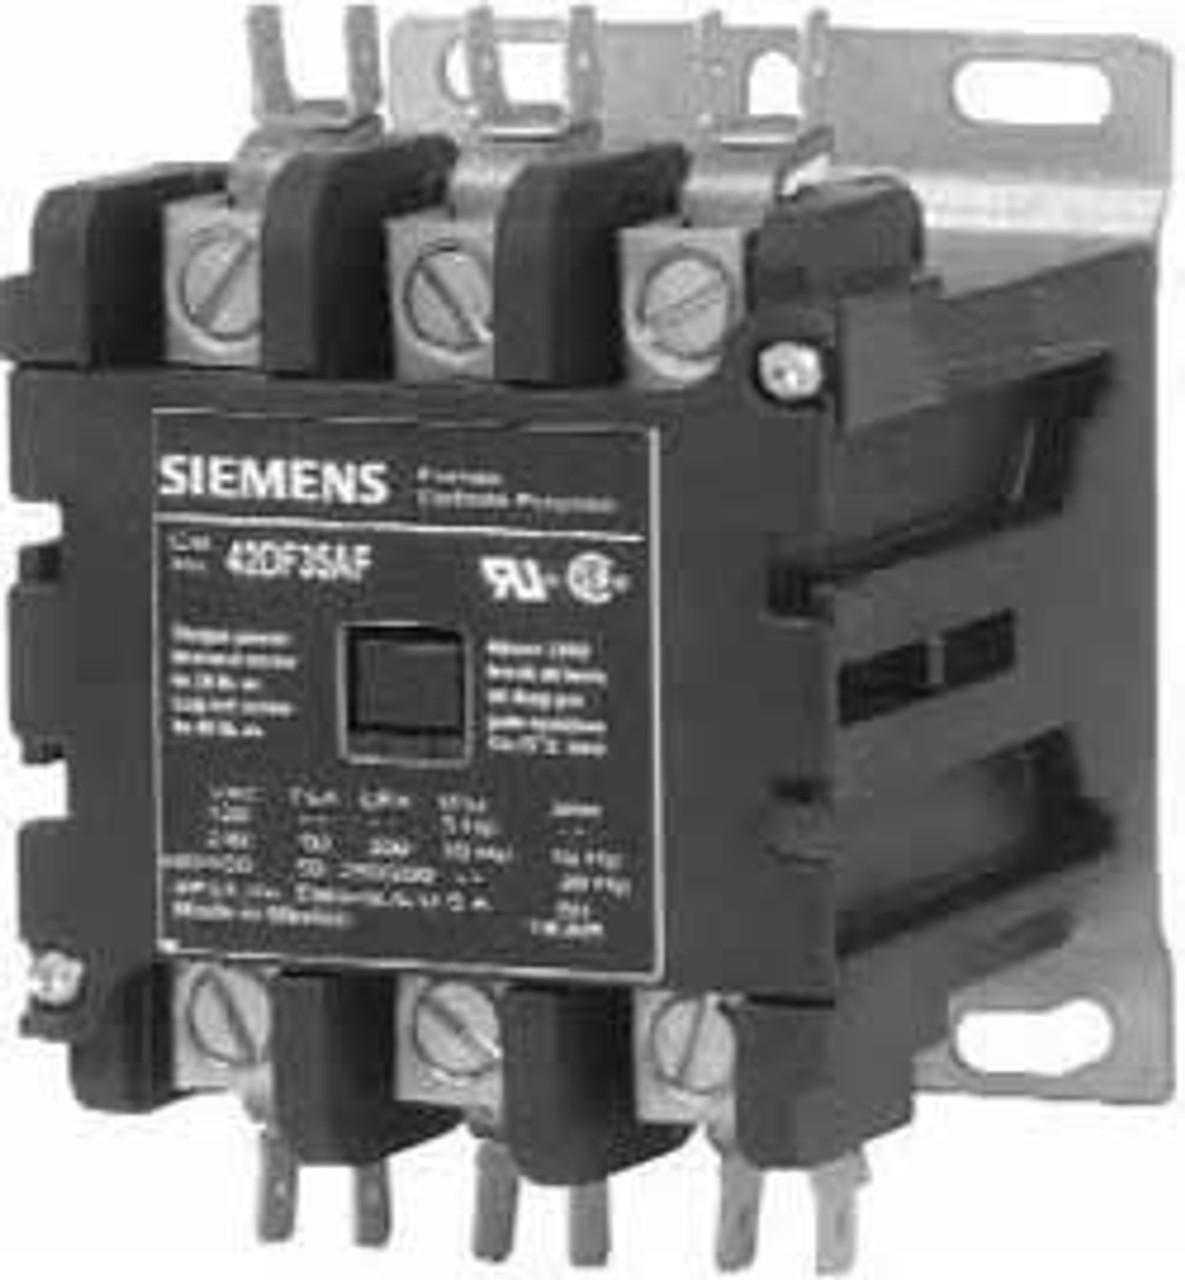 Furnas 42BF15AF 30 AMP DP contactor   2 pole 120 volt coilKent Industries Inc.